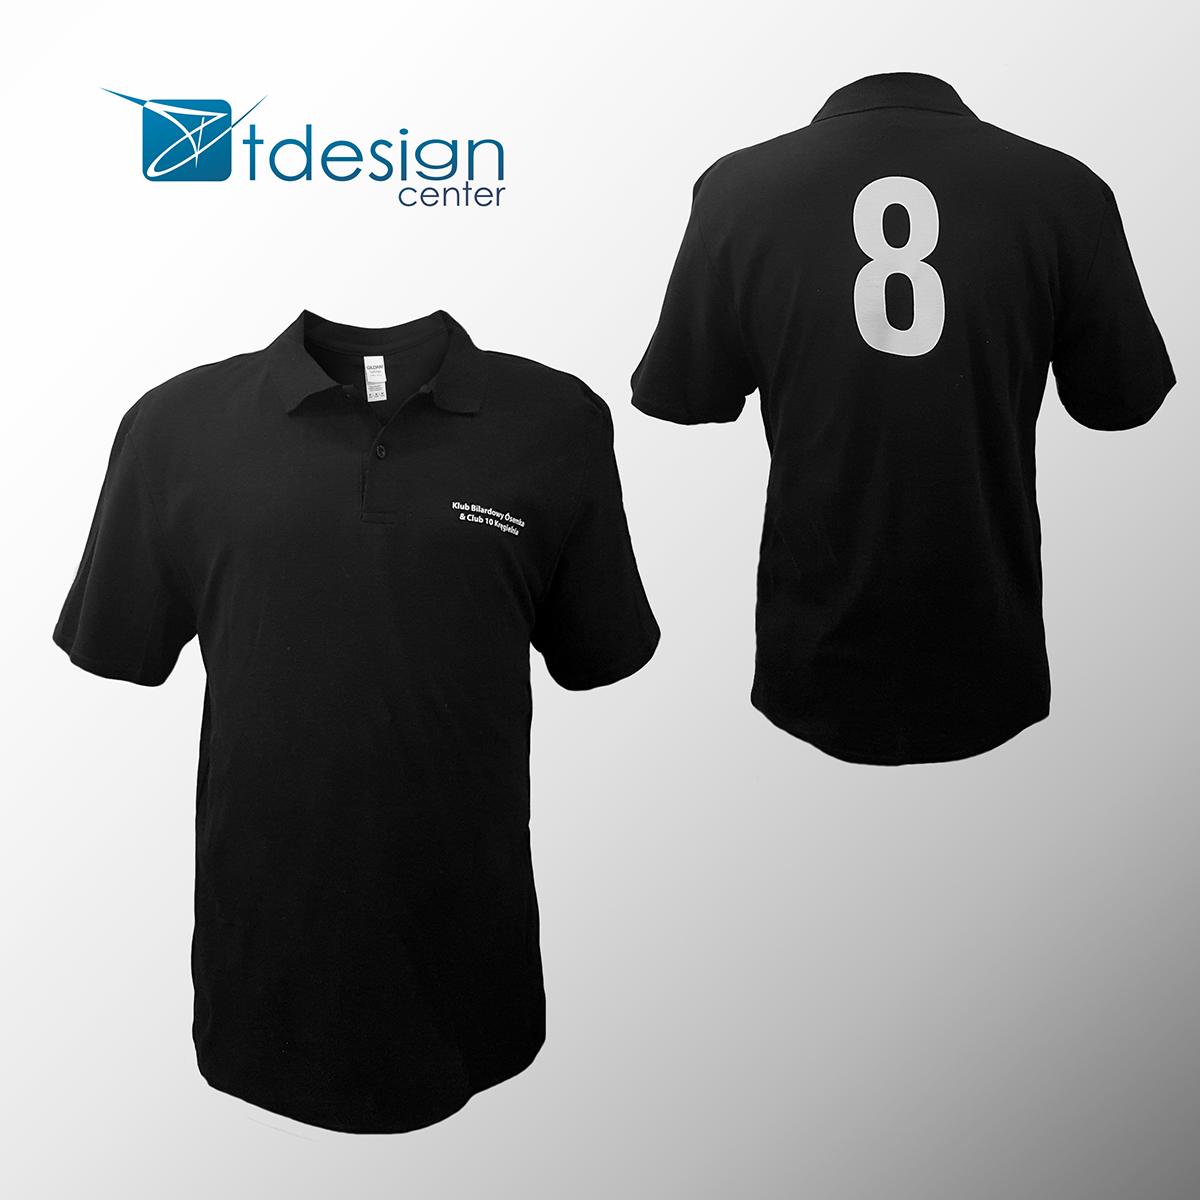 Męska koszulka Polo z nadrukiem - projekt + realizacja